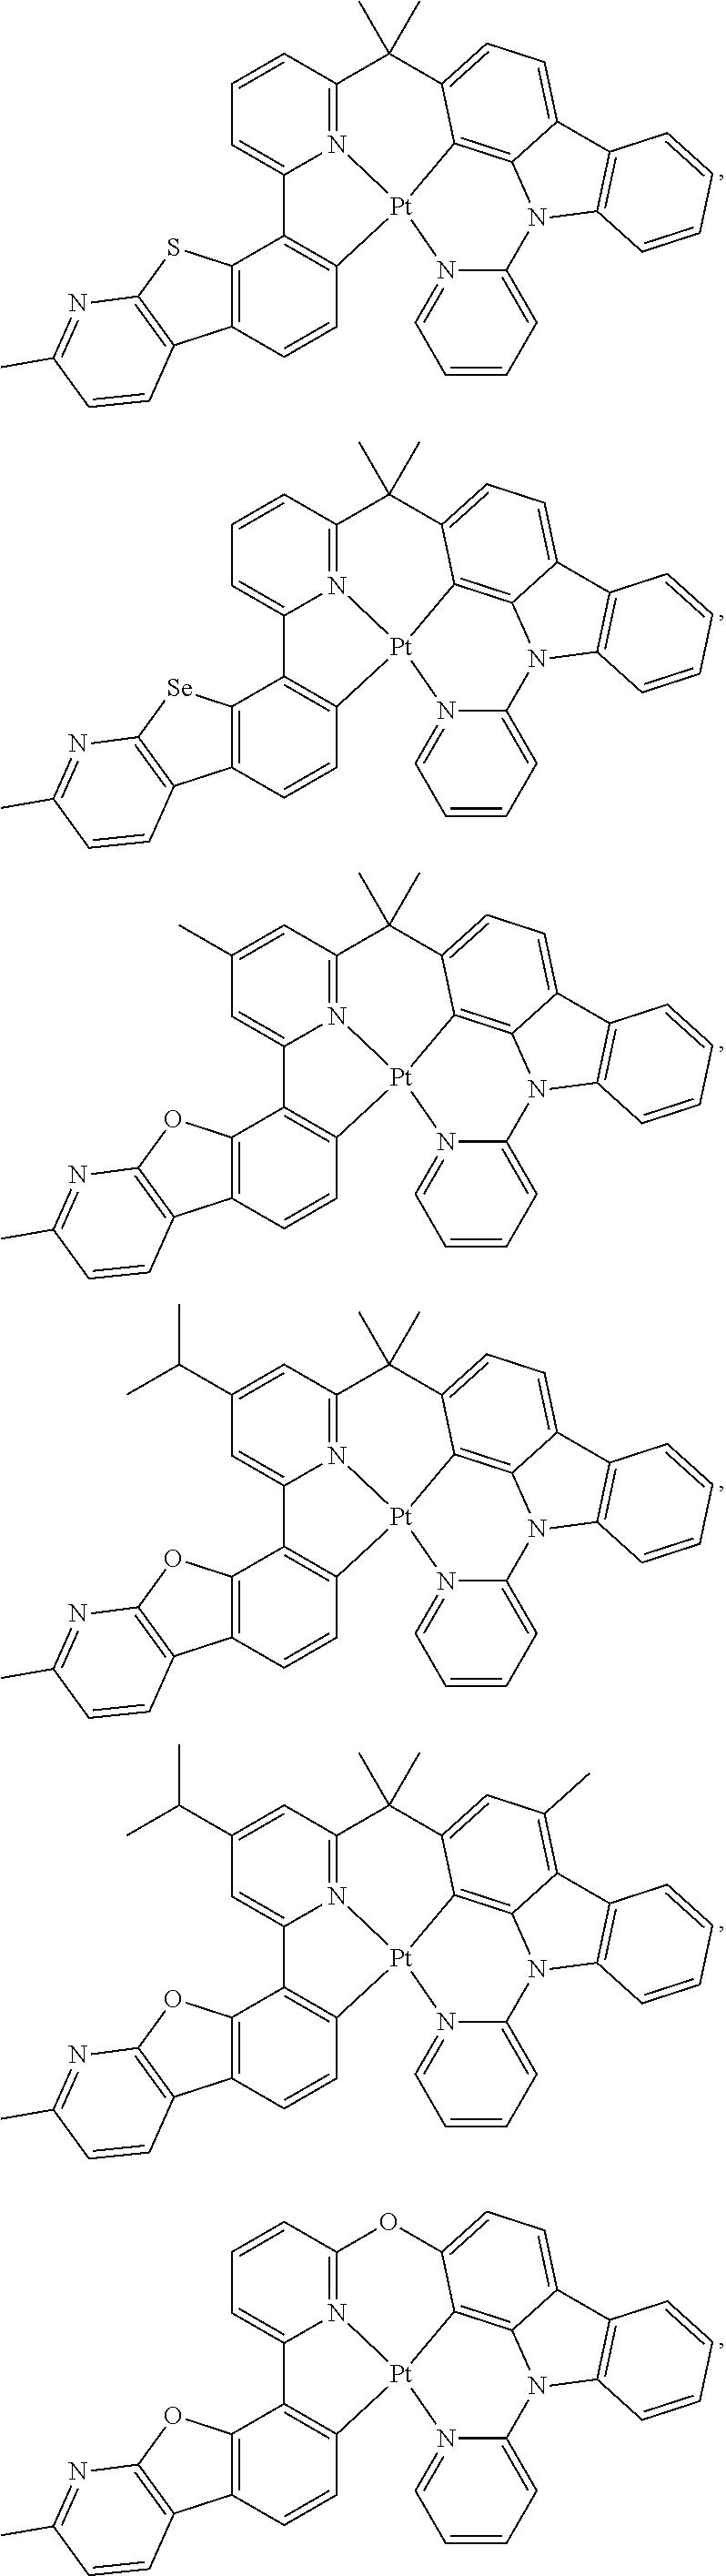 Figure US09871214-20180116-C00039